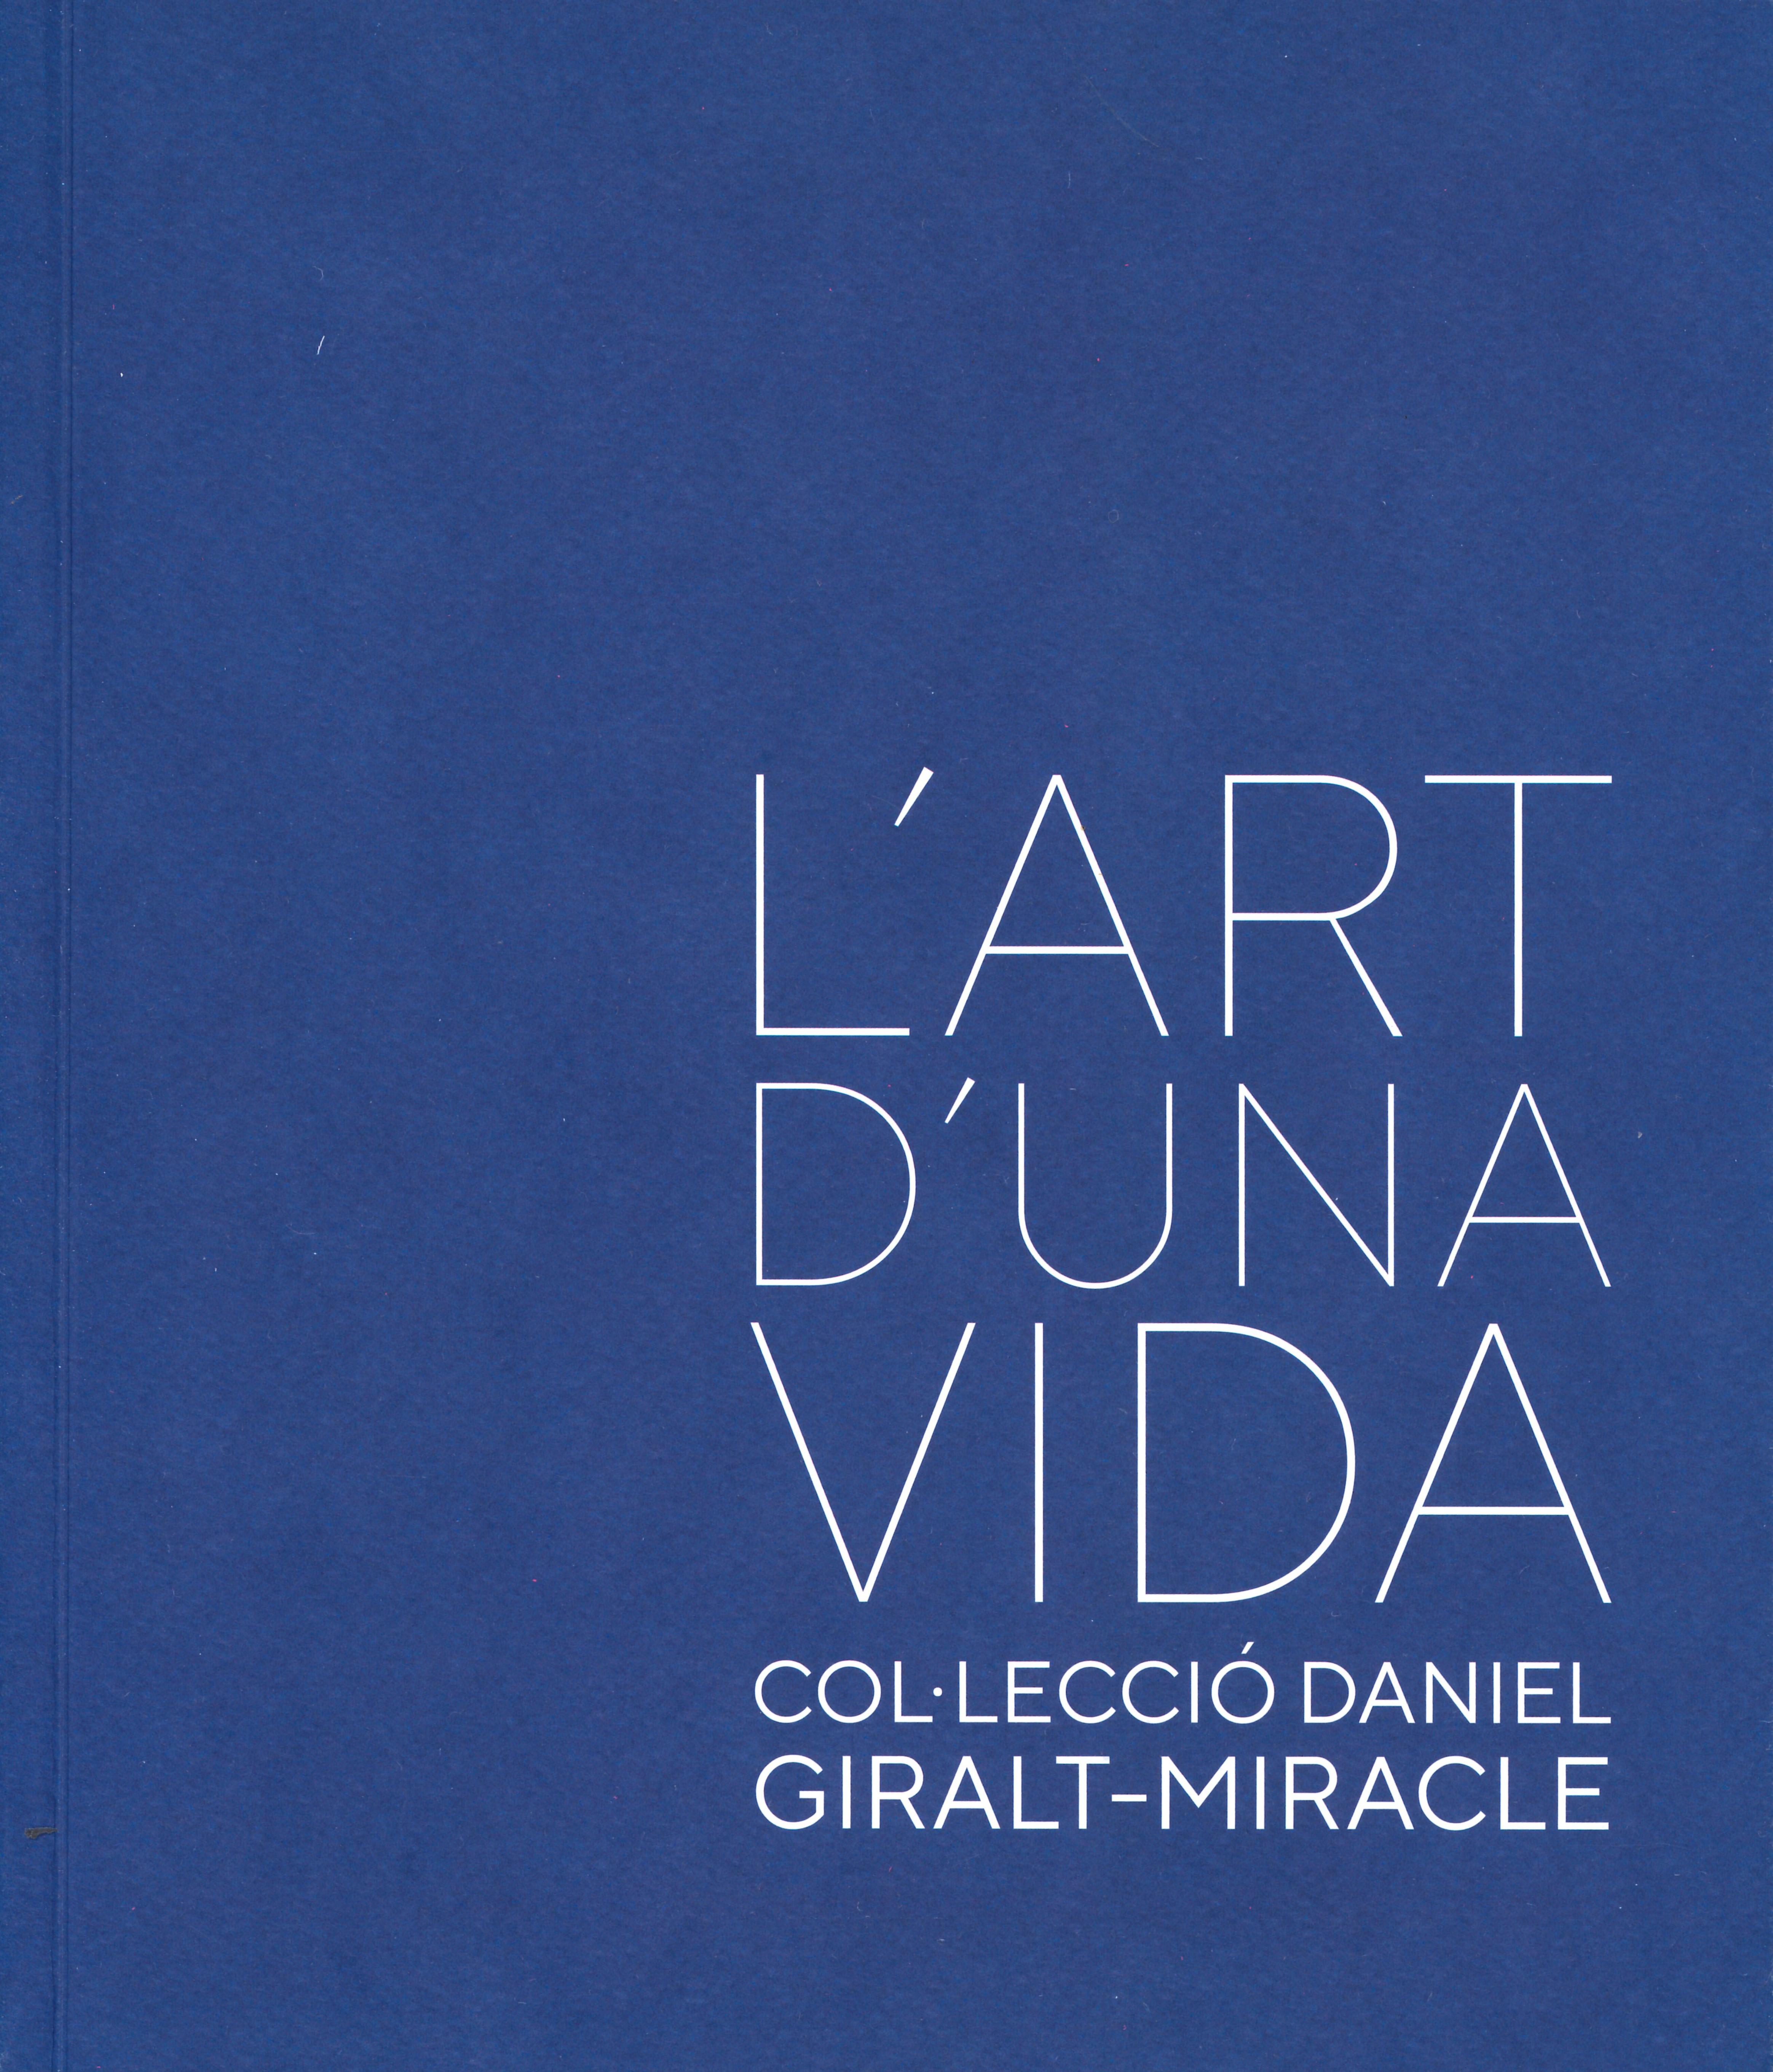 lart_duna_vida.jpg